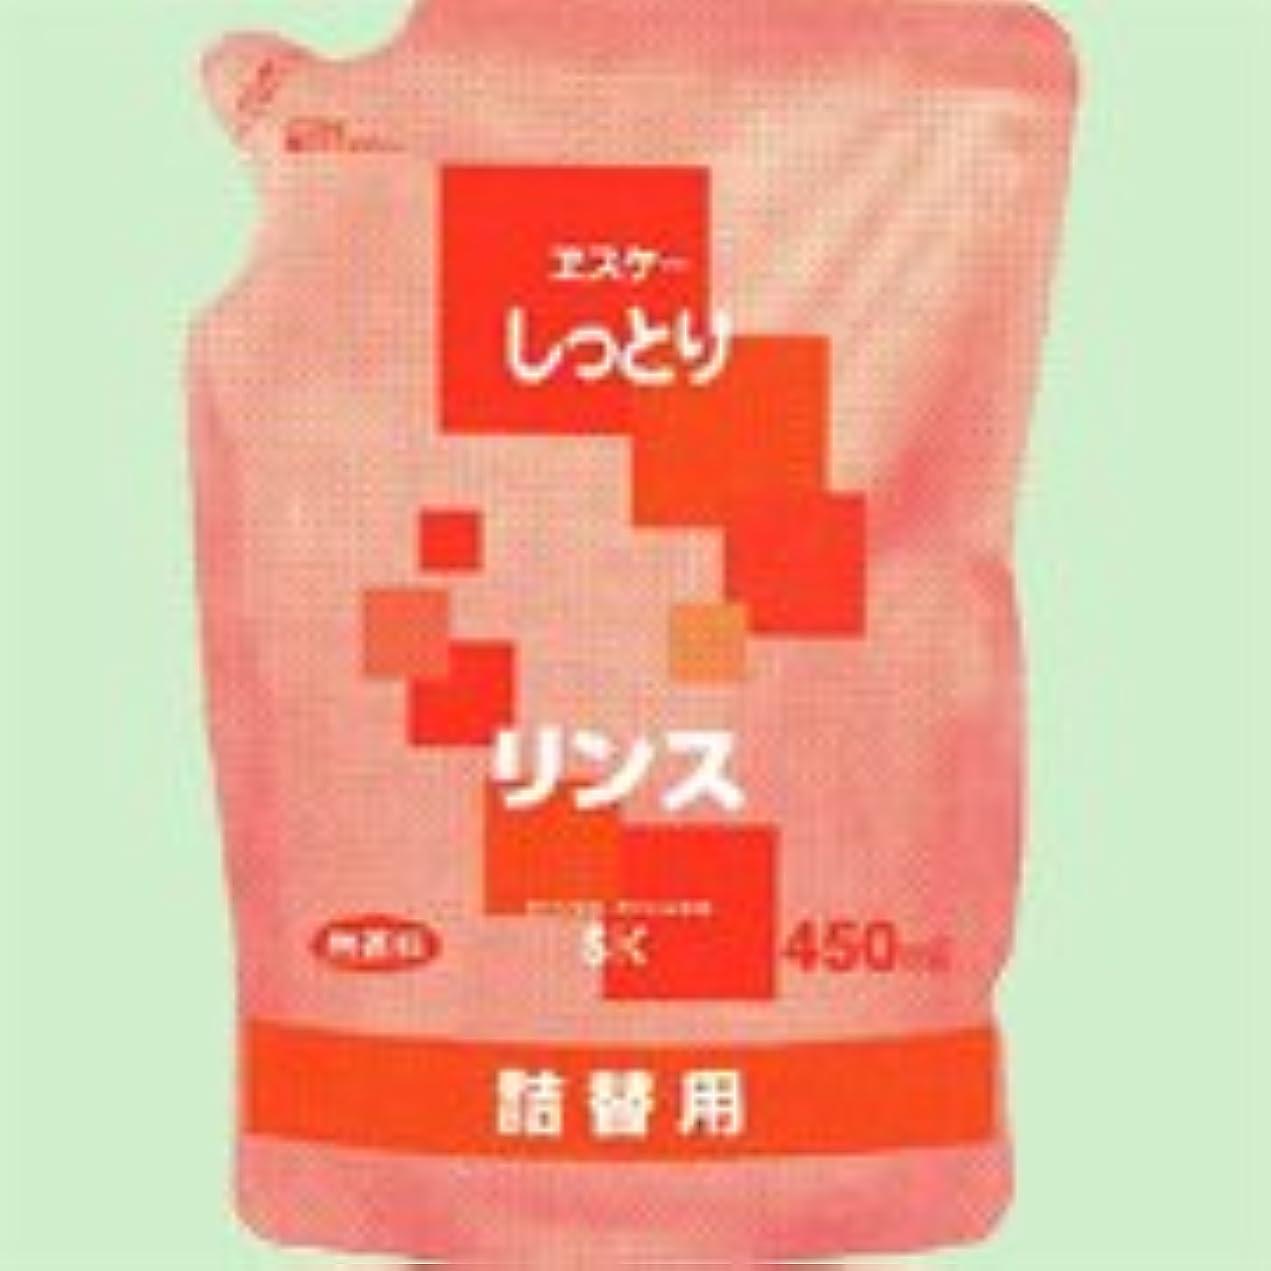 雪公然と懲戒しっとりリンス 詰替用 450ml    ヱスケー石鹸